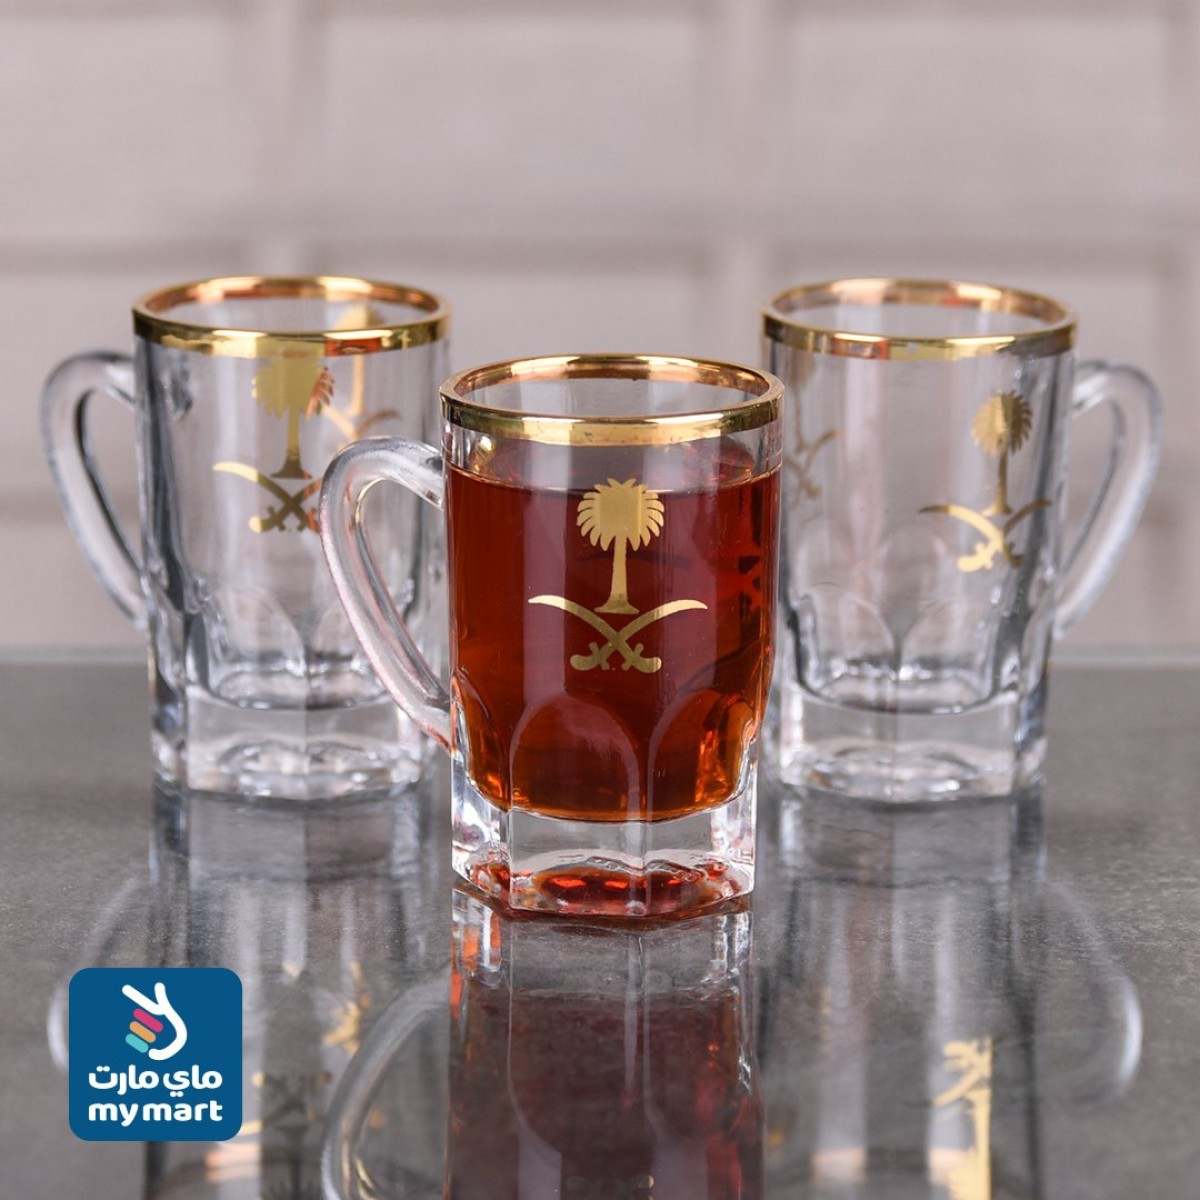 طقم  بيالة شاي,6 قطعة,سيفين ونخلة,HM-6002